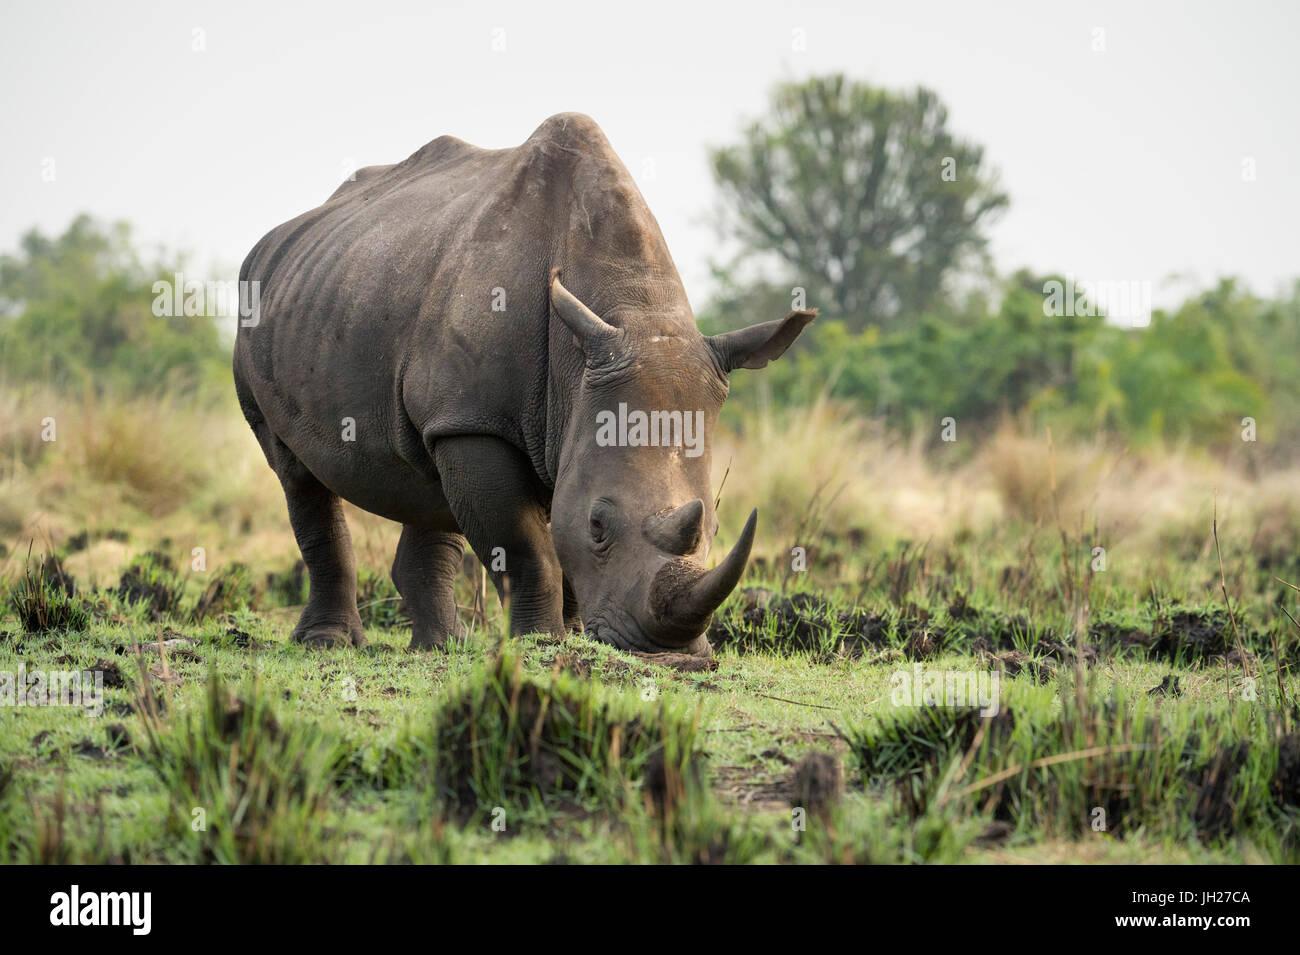 White Rhinoceros (Ceratotherium simum), Uganda, Africa Stock Photo